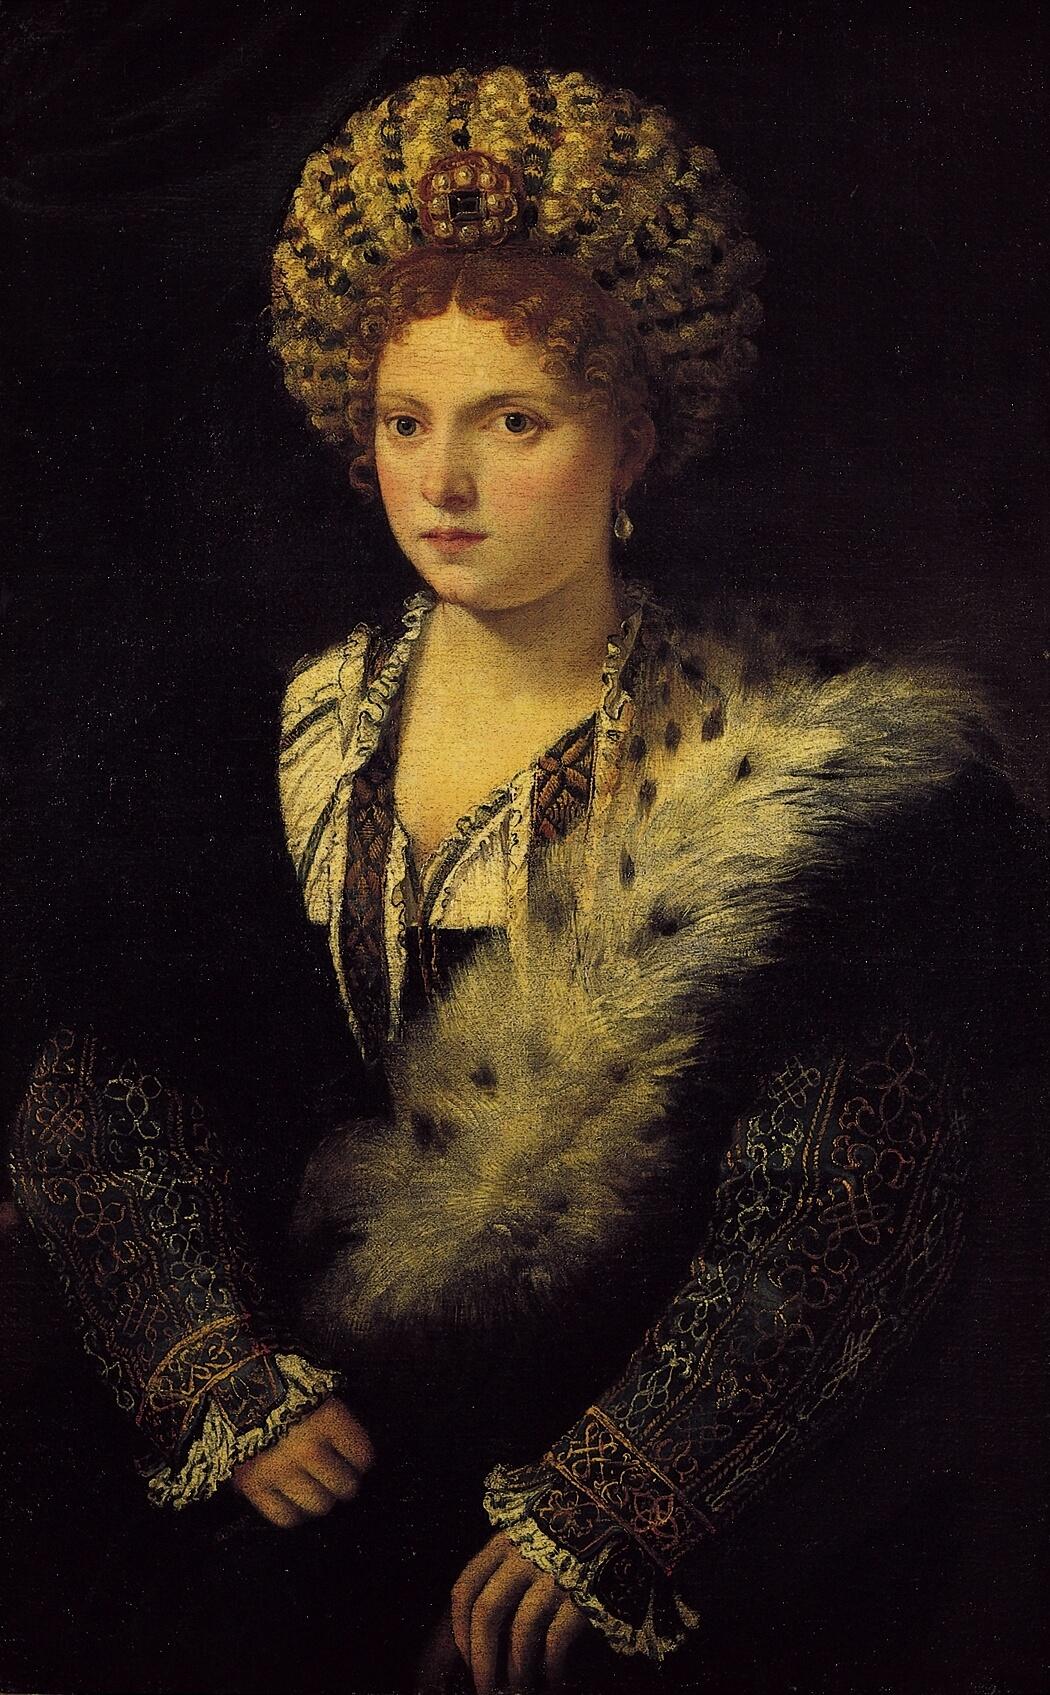 ISABELLA D'ESTE (1474-1539)